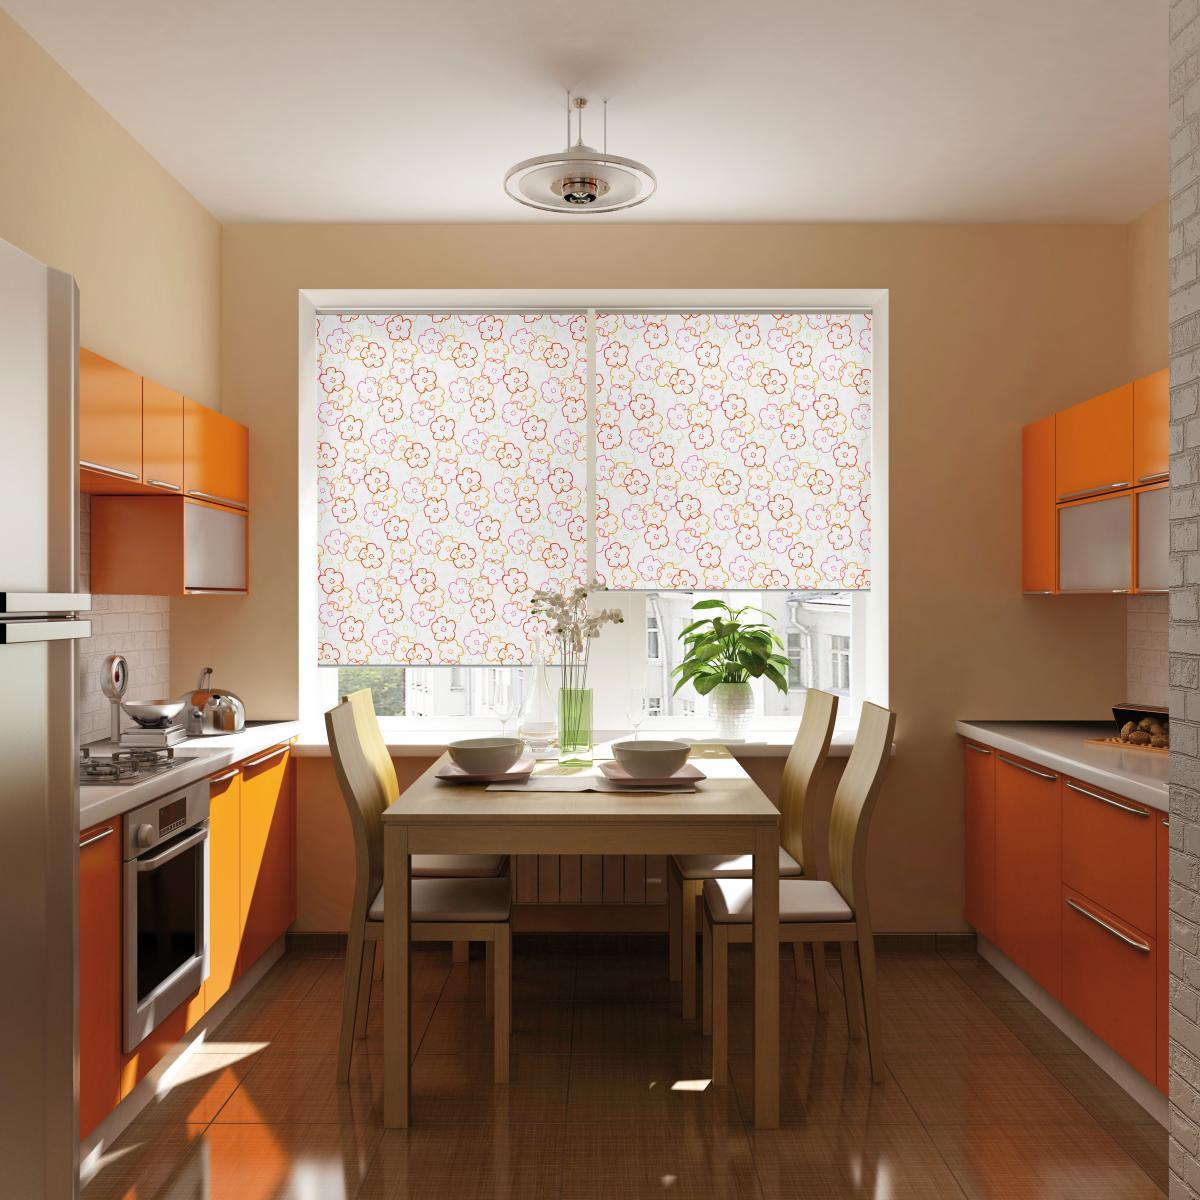 Красивая плитка на полу в бежево-оранжевой кухне